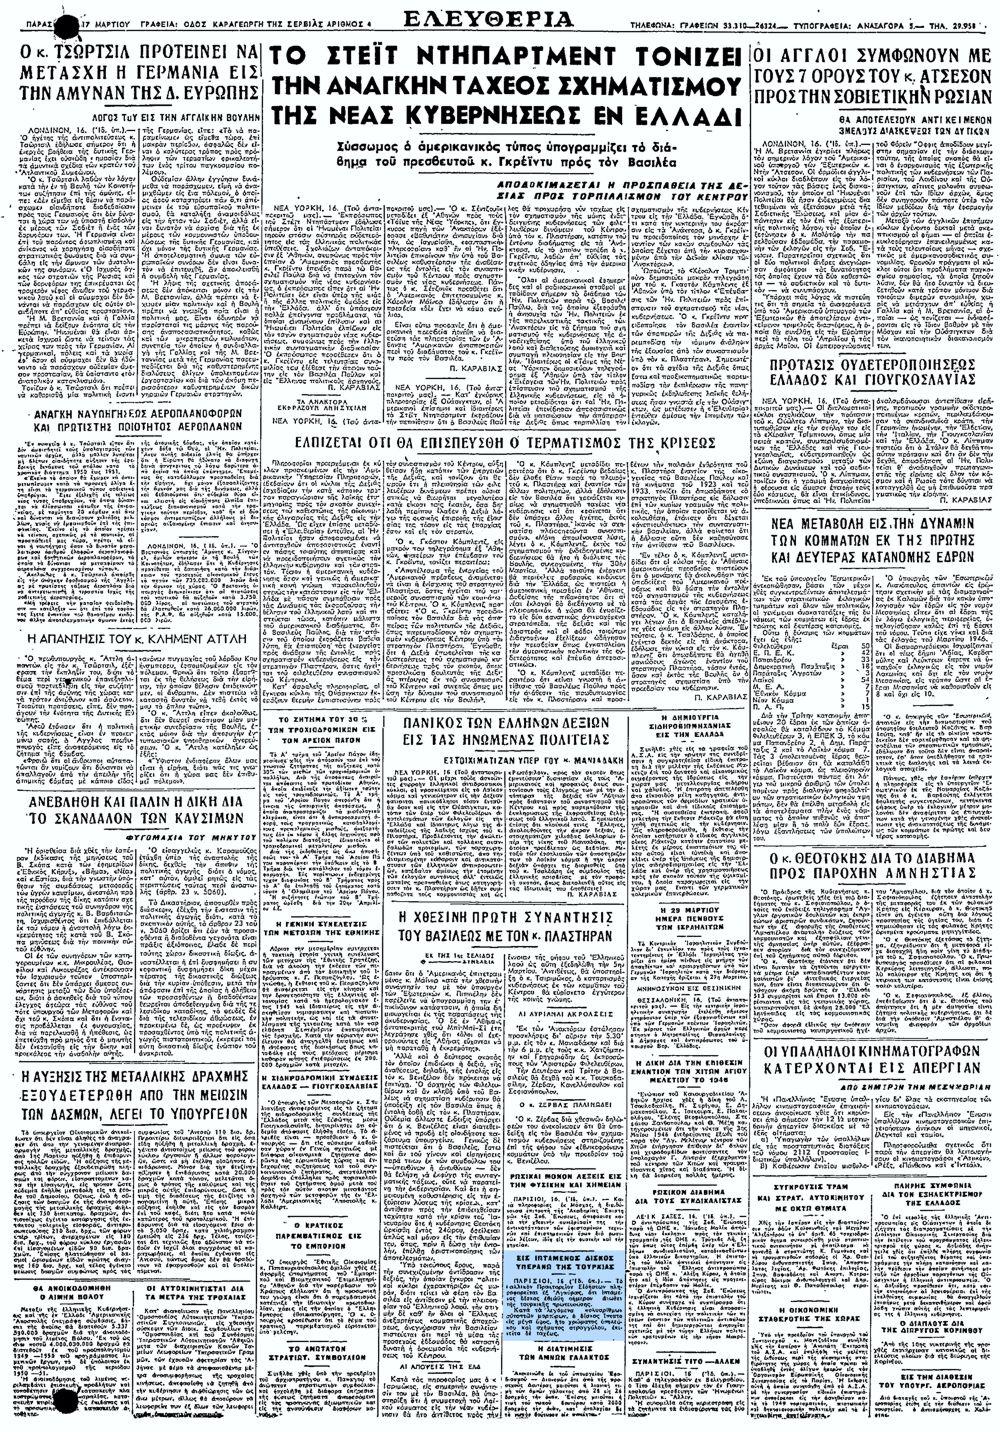 """Το άρθρο, όπως δημοσιεύθηκε στην εφημερίδα """"ΕΛΕΥΘΕΡΙΑ"""", στις 17/03/1950"""